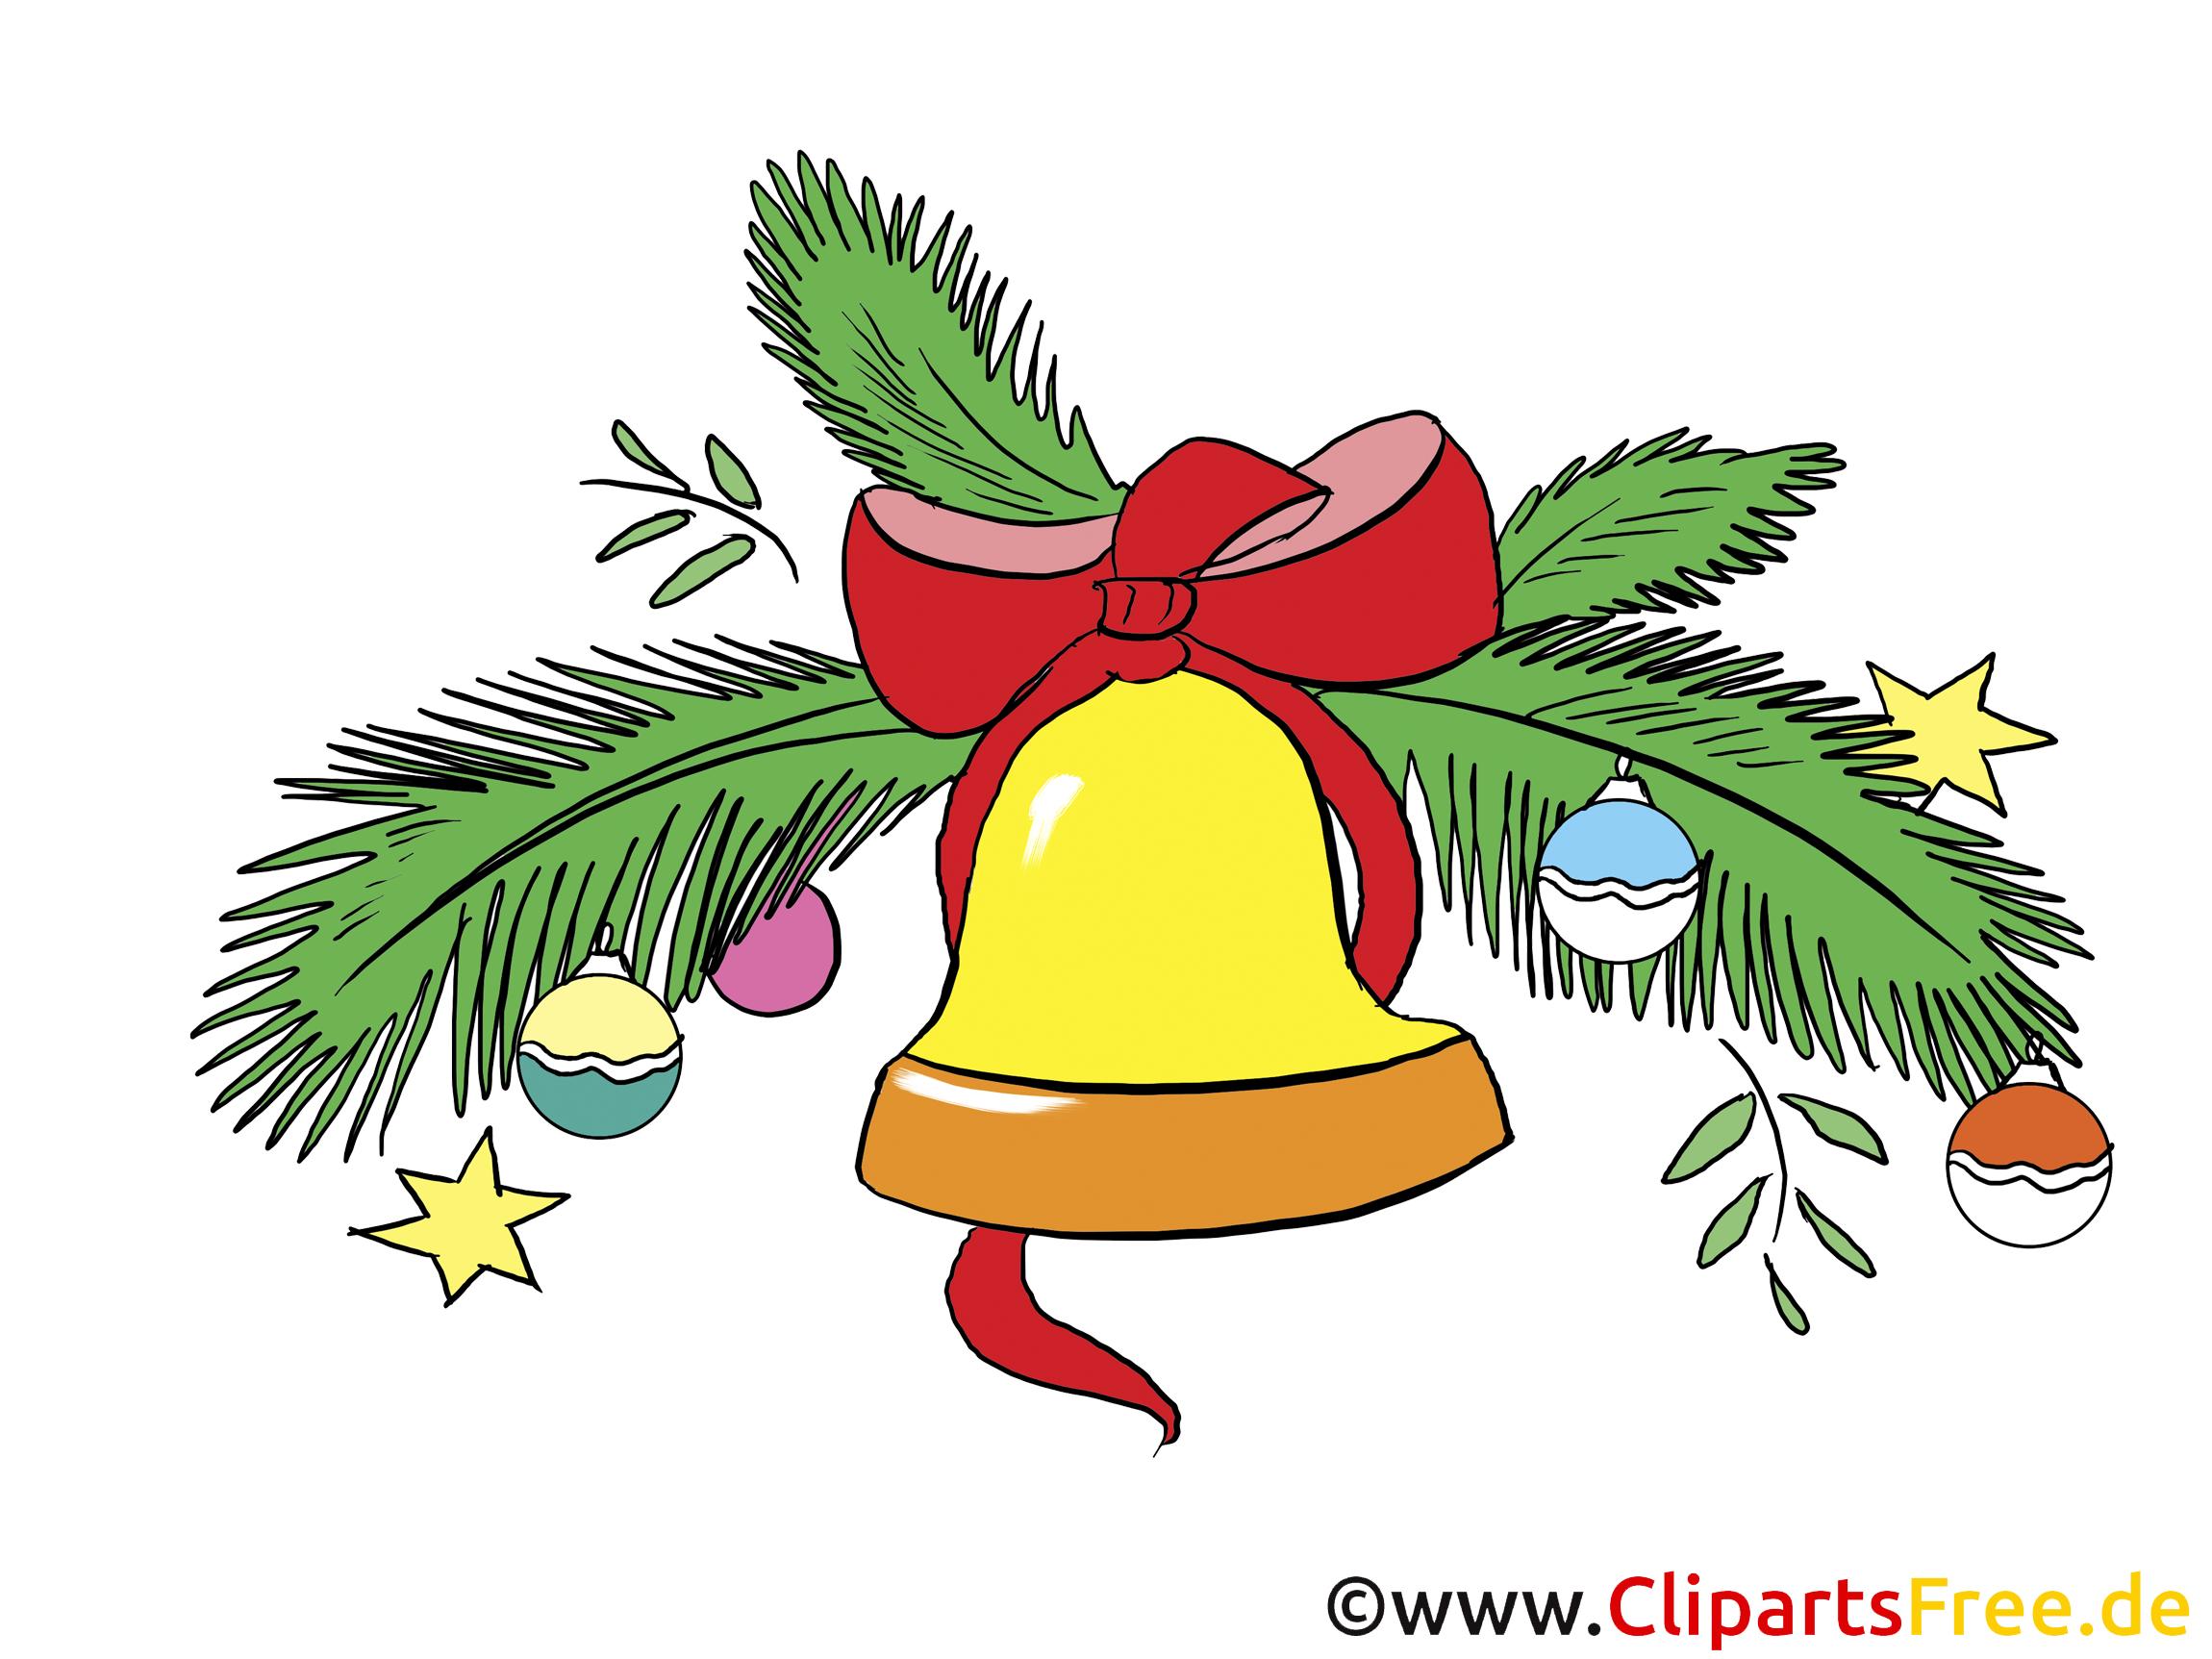 Bilder zum 2 advent glocke zu weihnachten - Bilder weihnachten kostenlos zum ausdrucken ...